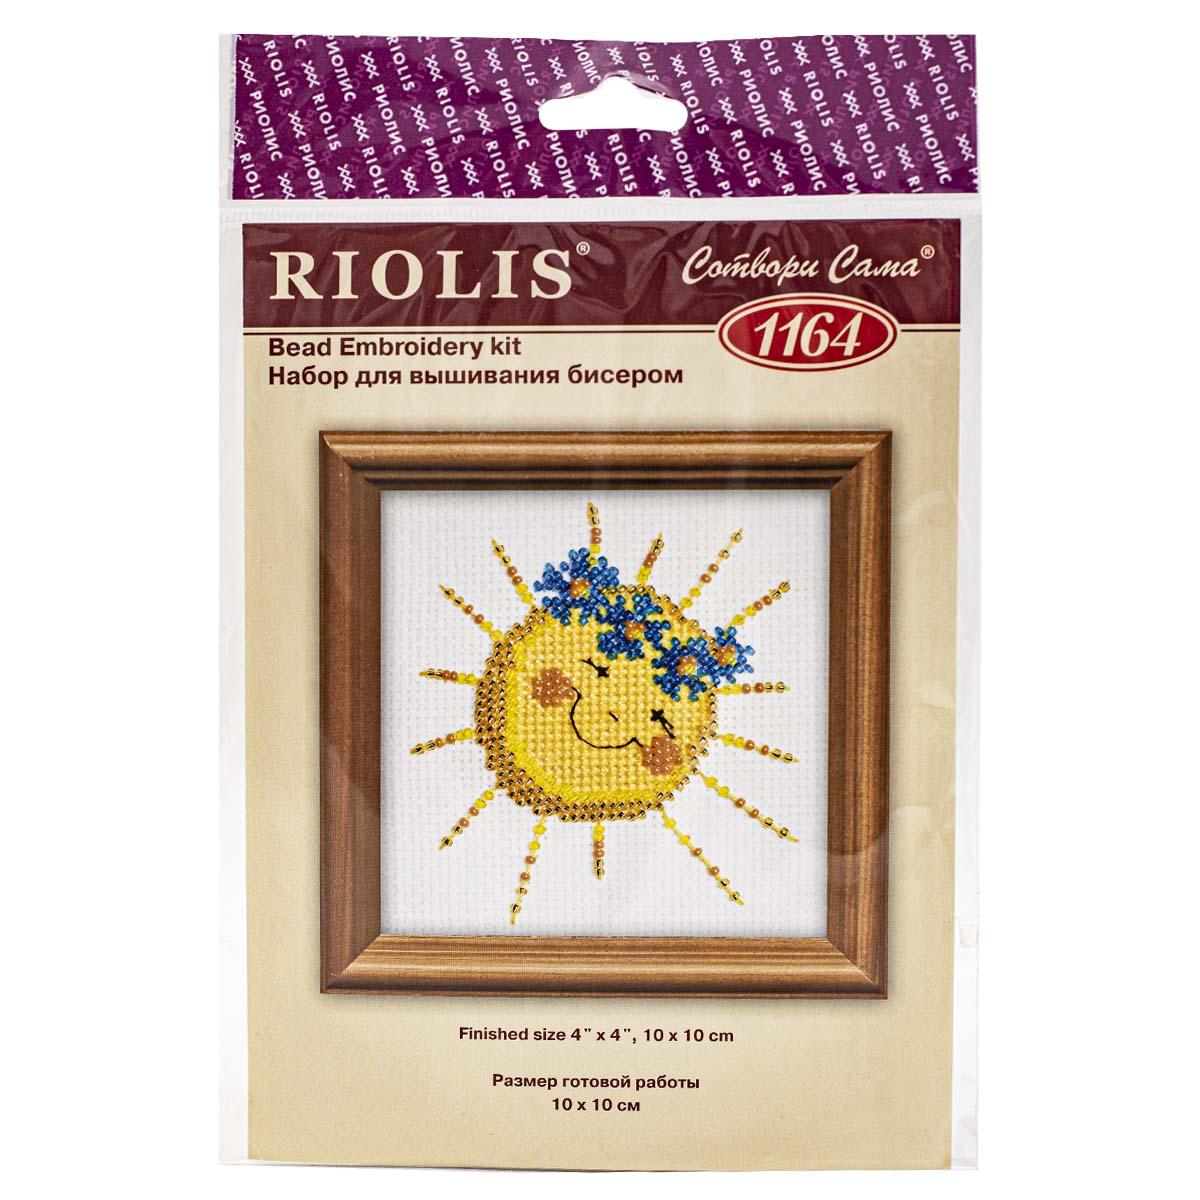 1164 Набор для вышивания бисером Riolis 'Доброе утро', 10*10 см